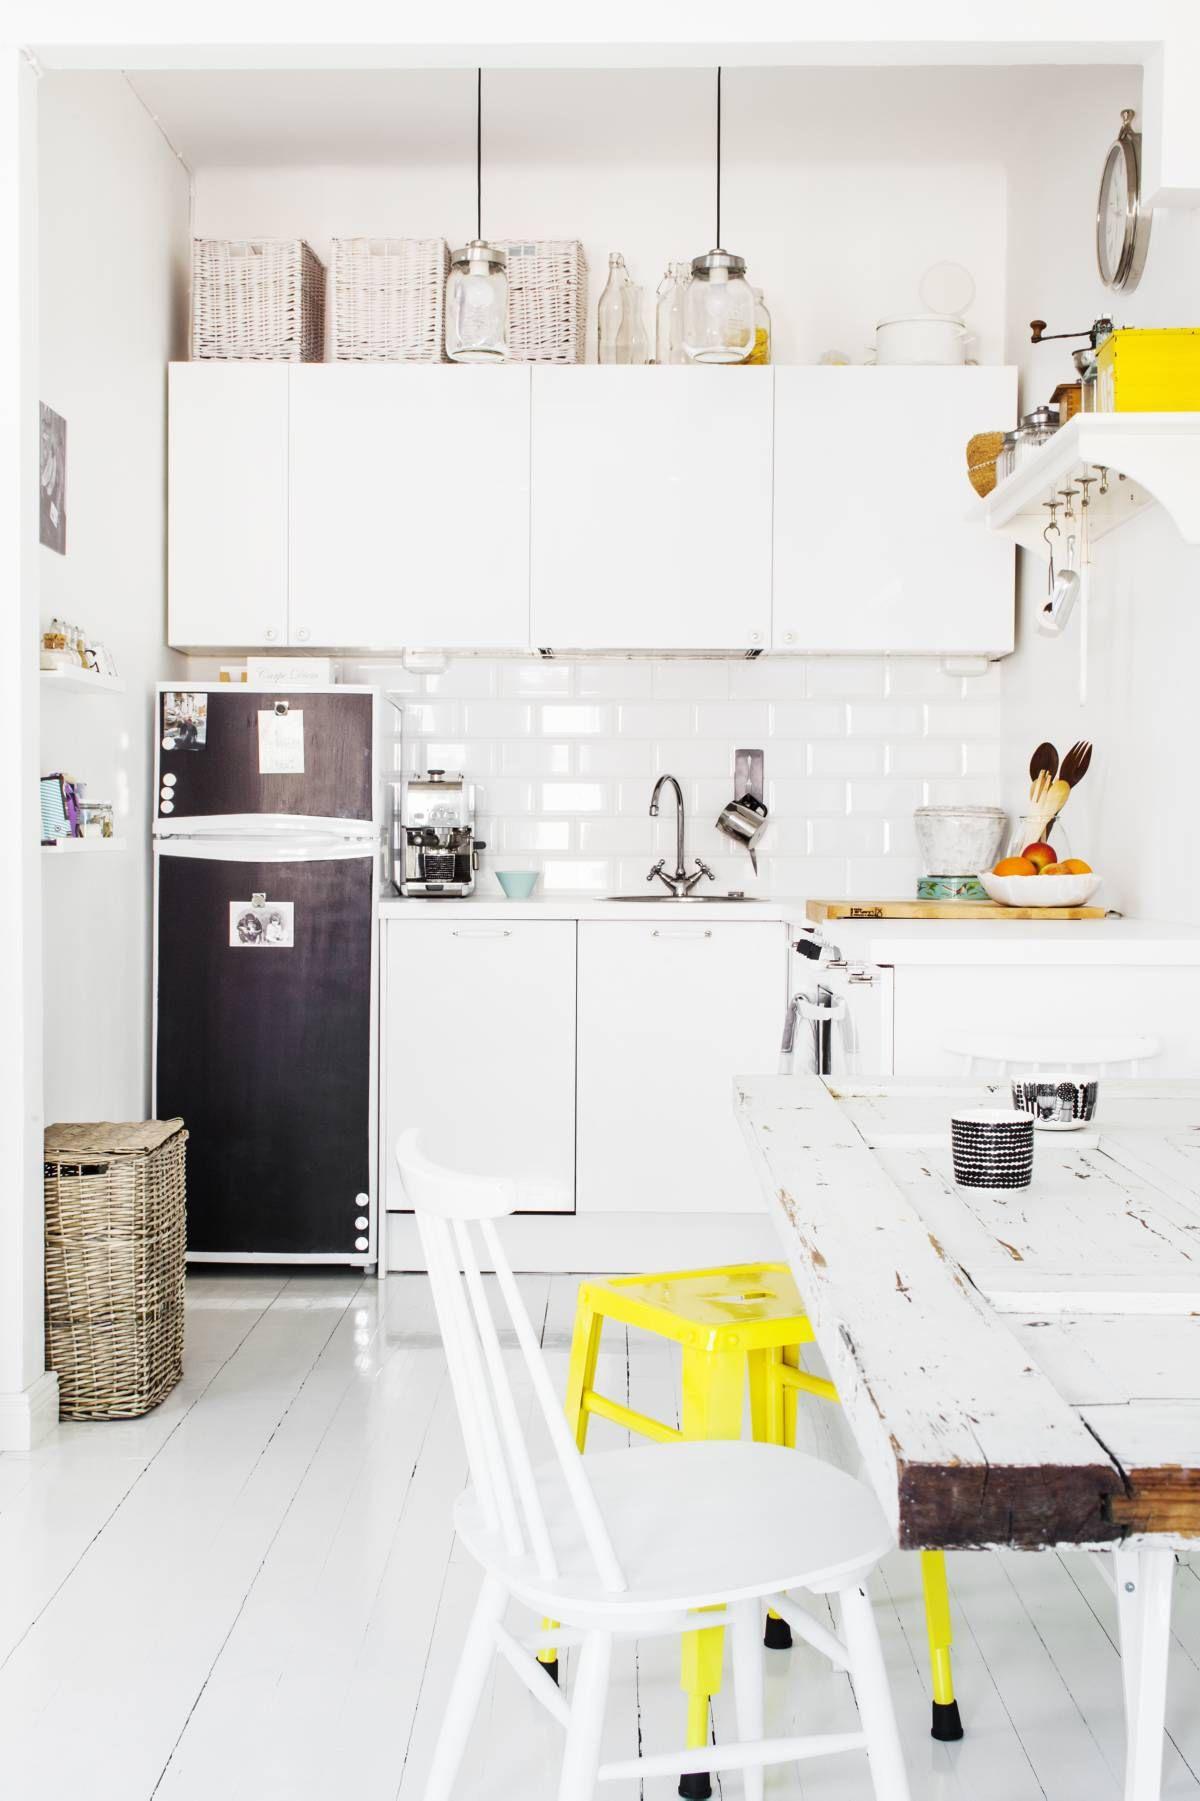 Nykyisessä avokeittiössä sijaitsi ennen makuualkovi. Keittiön kaapistot sekä hana ovat Ikeasta, vetimet Helapisteestä ja välitilan kaakelit Pukkilasta. Jääkaapin Emmi maalasi liitutaulumaalilla mustaksi. Valaisimet ja ruokapöytä ovat Hannun tekemät. Vanhasta ovesta tuli pöytälevy ja pukkijalat hankittiin Ikeasta. Keltainen metallijakkara on tilattu Ellokselta, muut huonekalut ovat kirpputorilöytöjä.